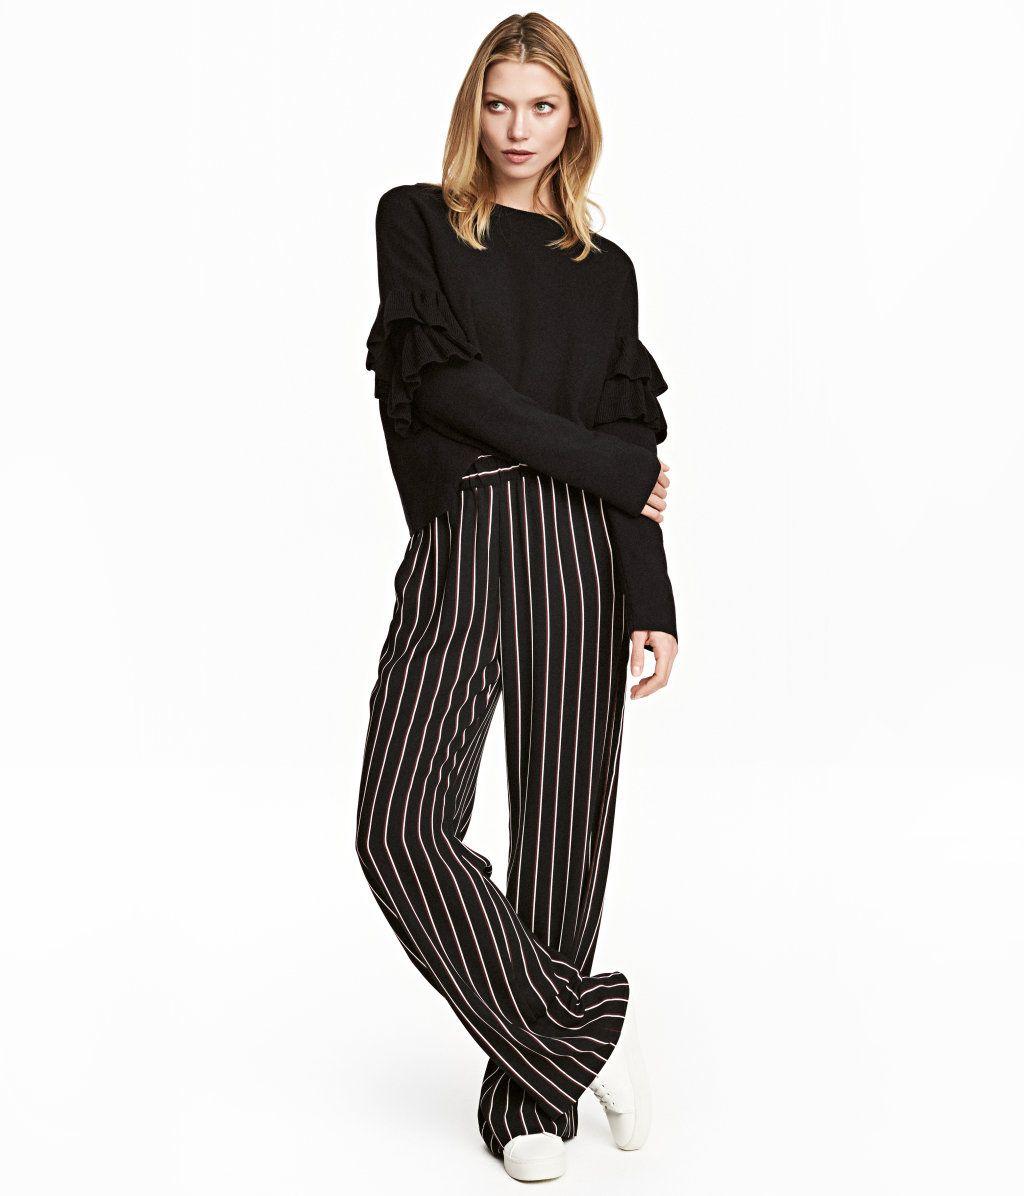 am besten billig Shop für neueste online zum Verkauf Weite Pull-on-Hose | Schwarz/Gestreift | Damen | H&M DE ...